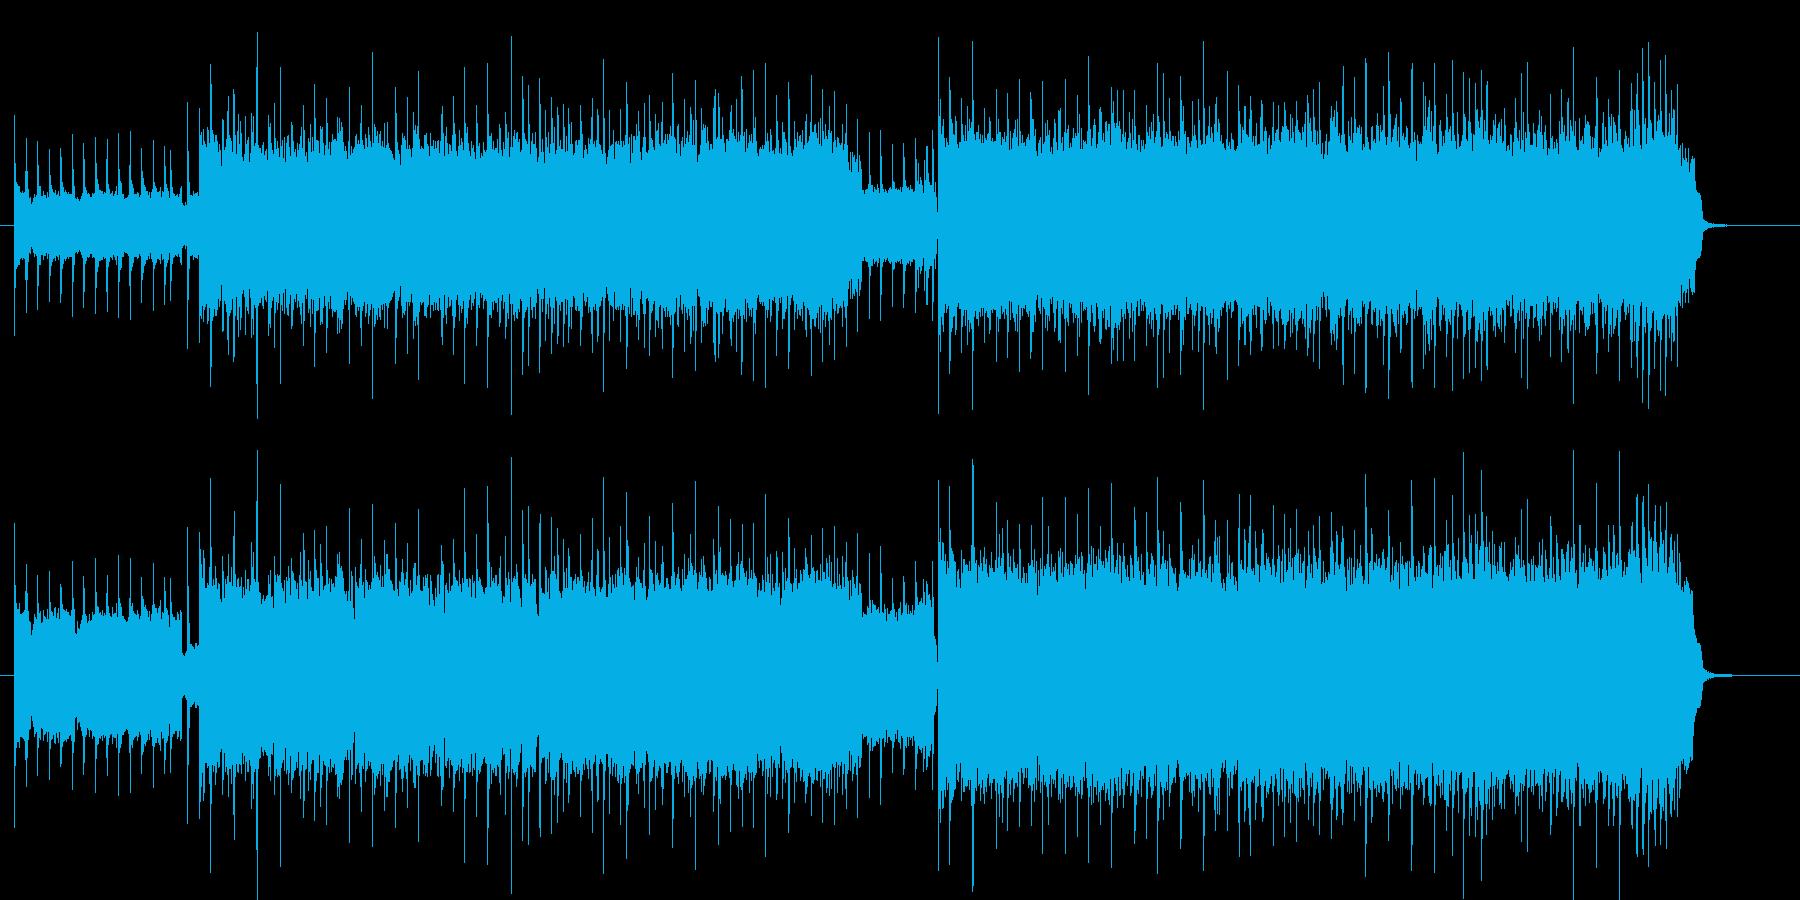 シンセの入った勢いのあるロックバンド曲の再生済みの波形